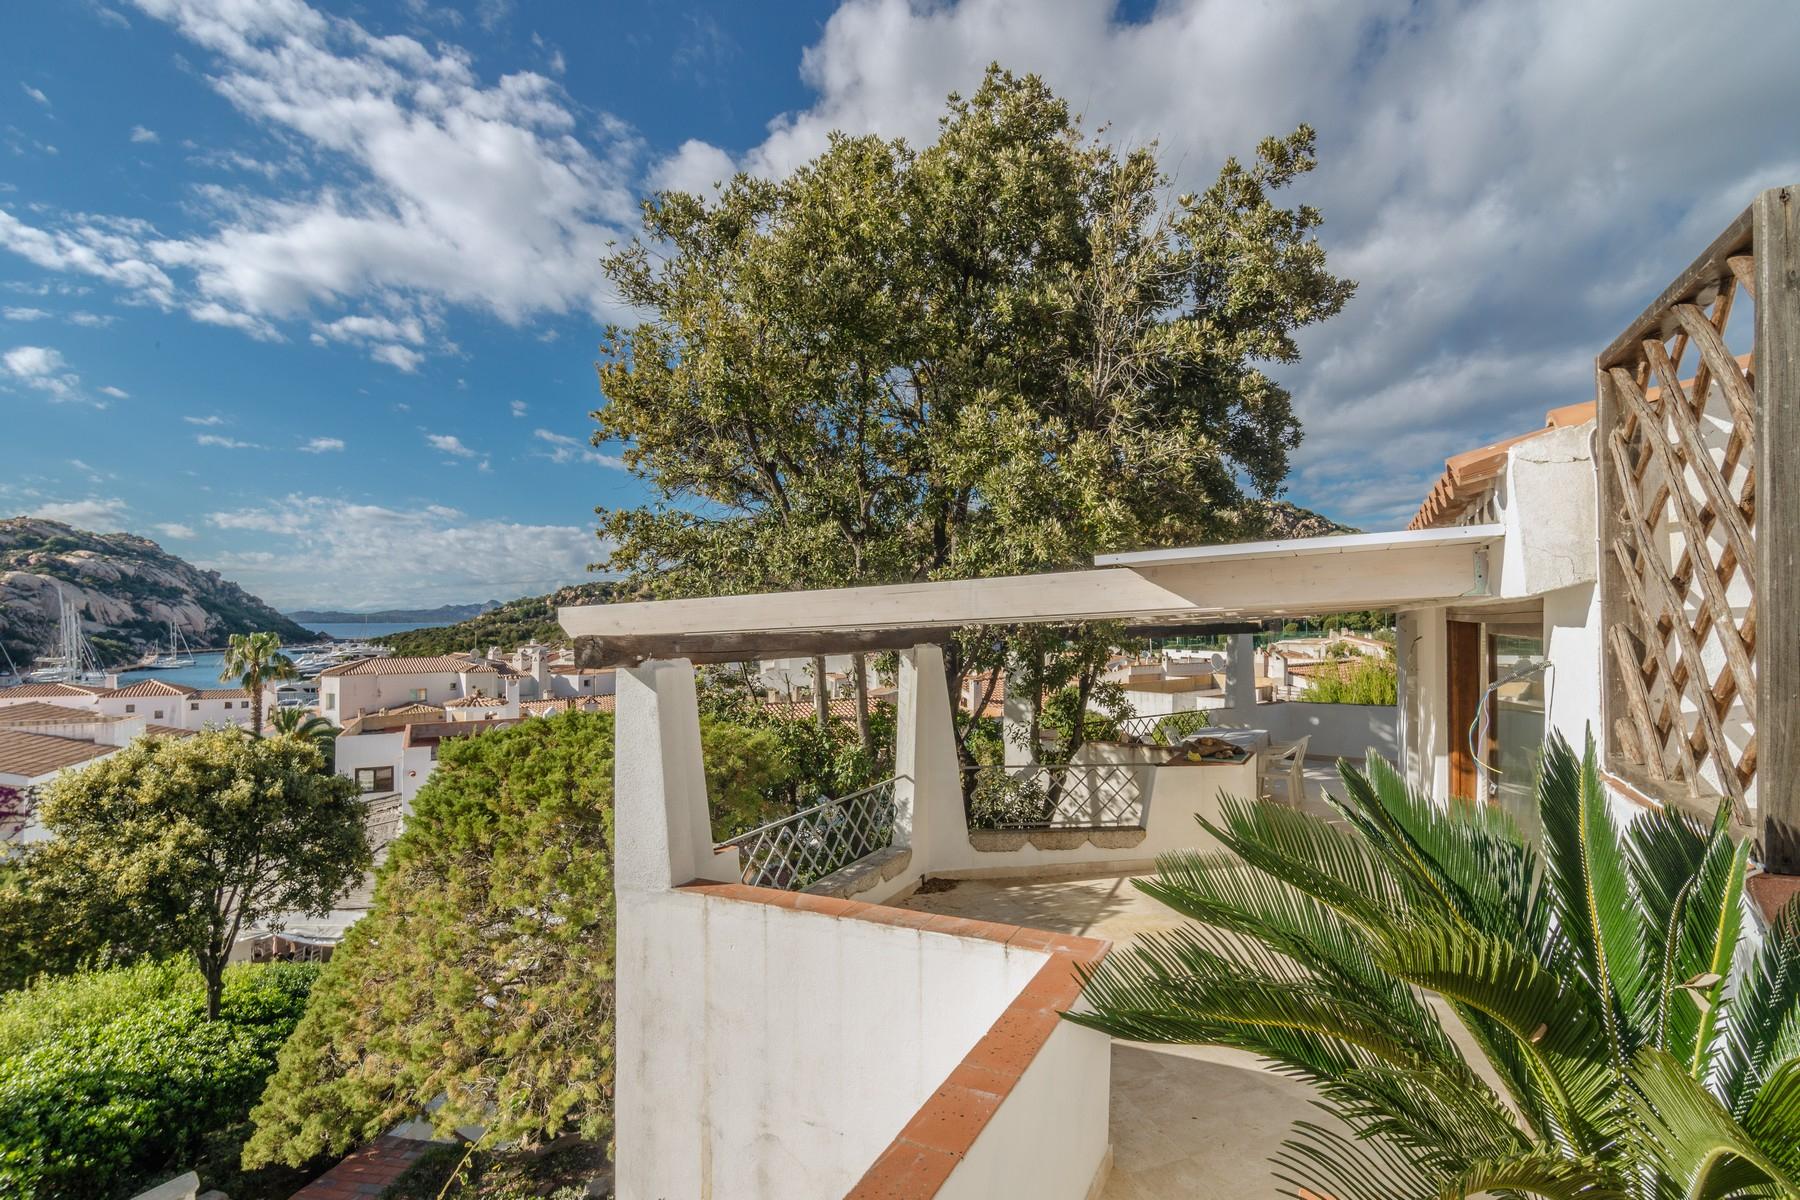 Appartamento in Vendita a Arzachena: 5 locali, 97 mq - Foto 12